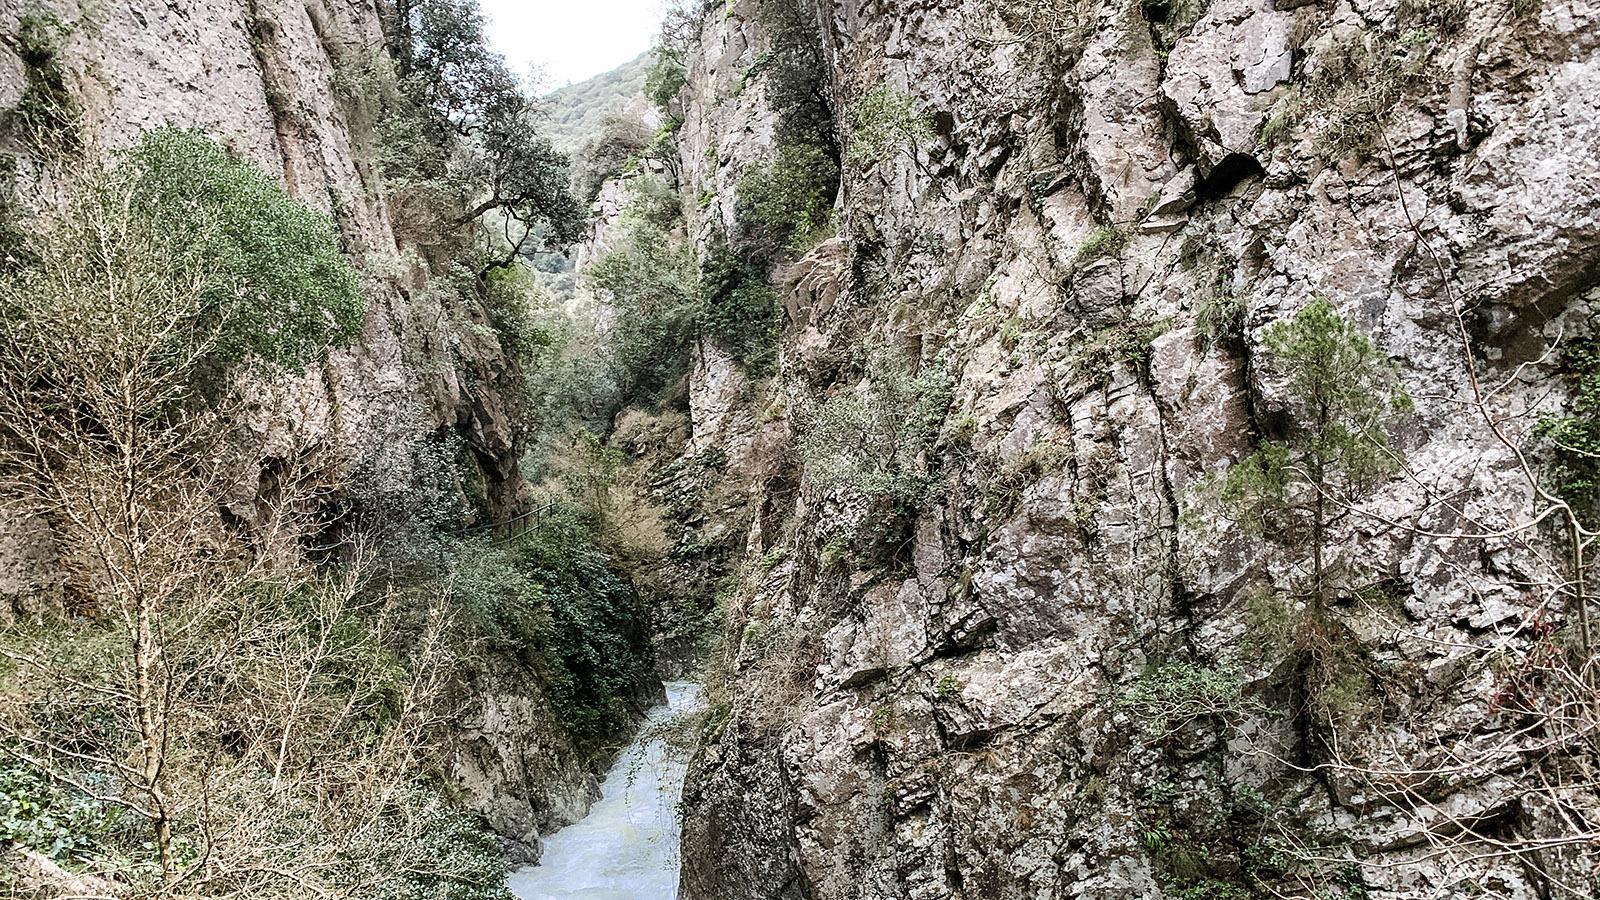 Gorges Saint-Jaume. Steil ragen die Felsen auf. Foto: Hilke Maunder